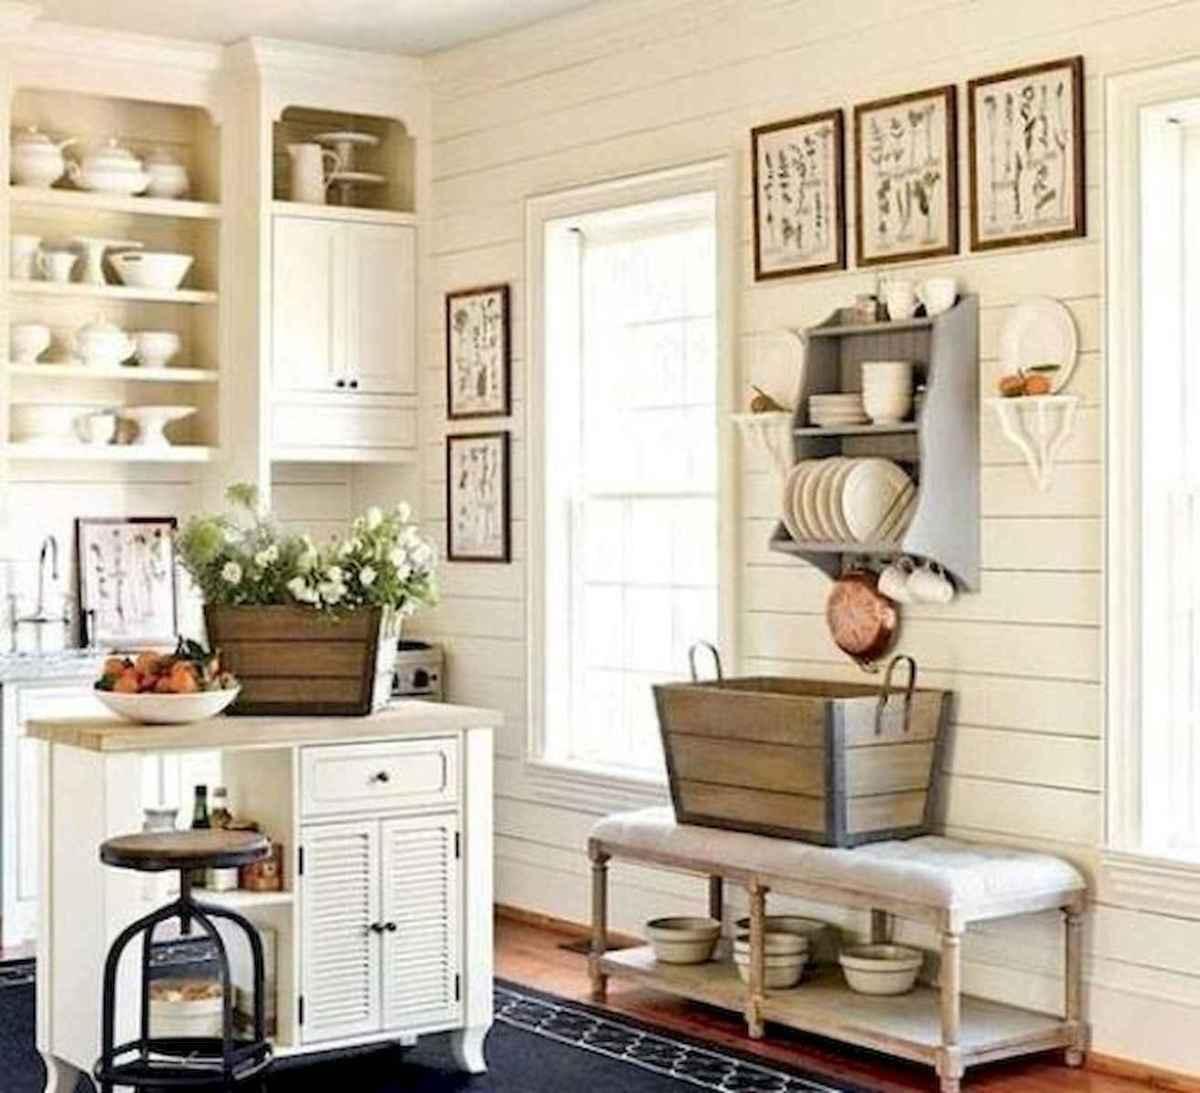 60 Stunning Farmhouse Home Decor Ideas On A Budget (51)